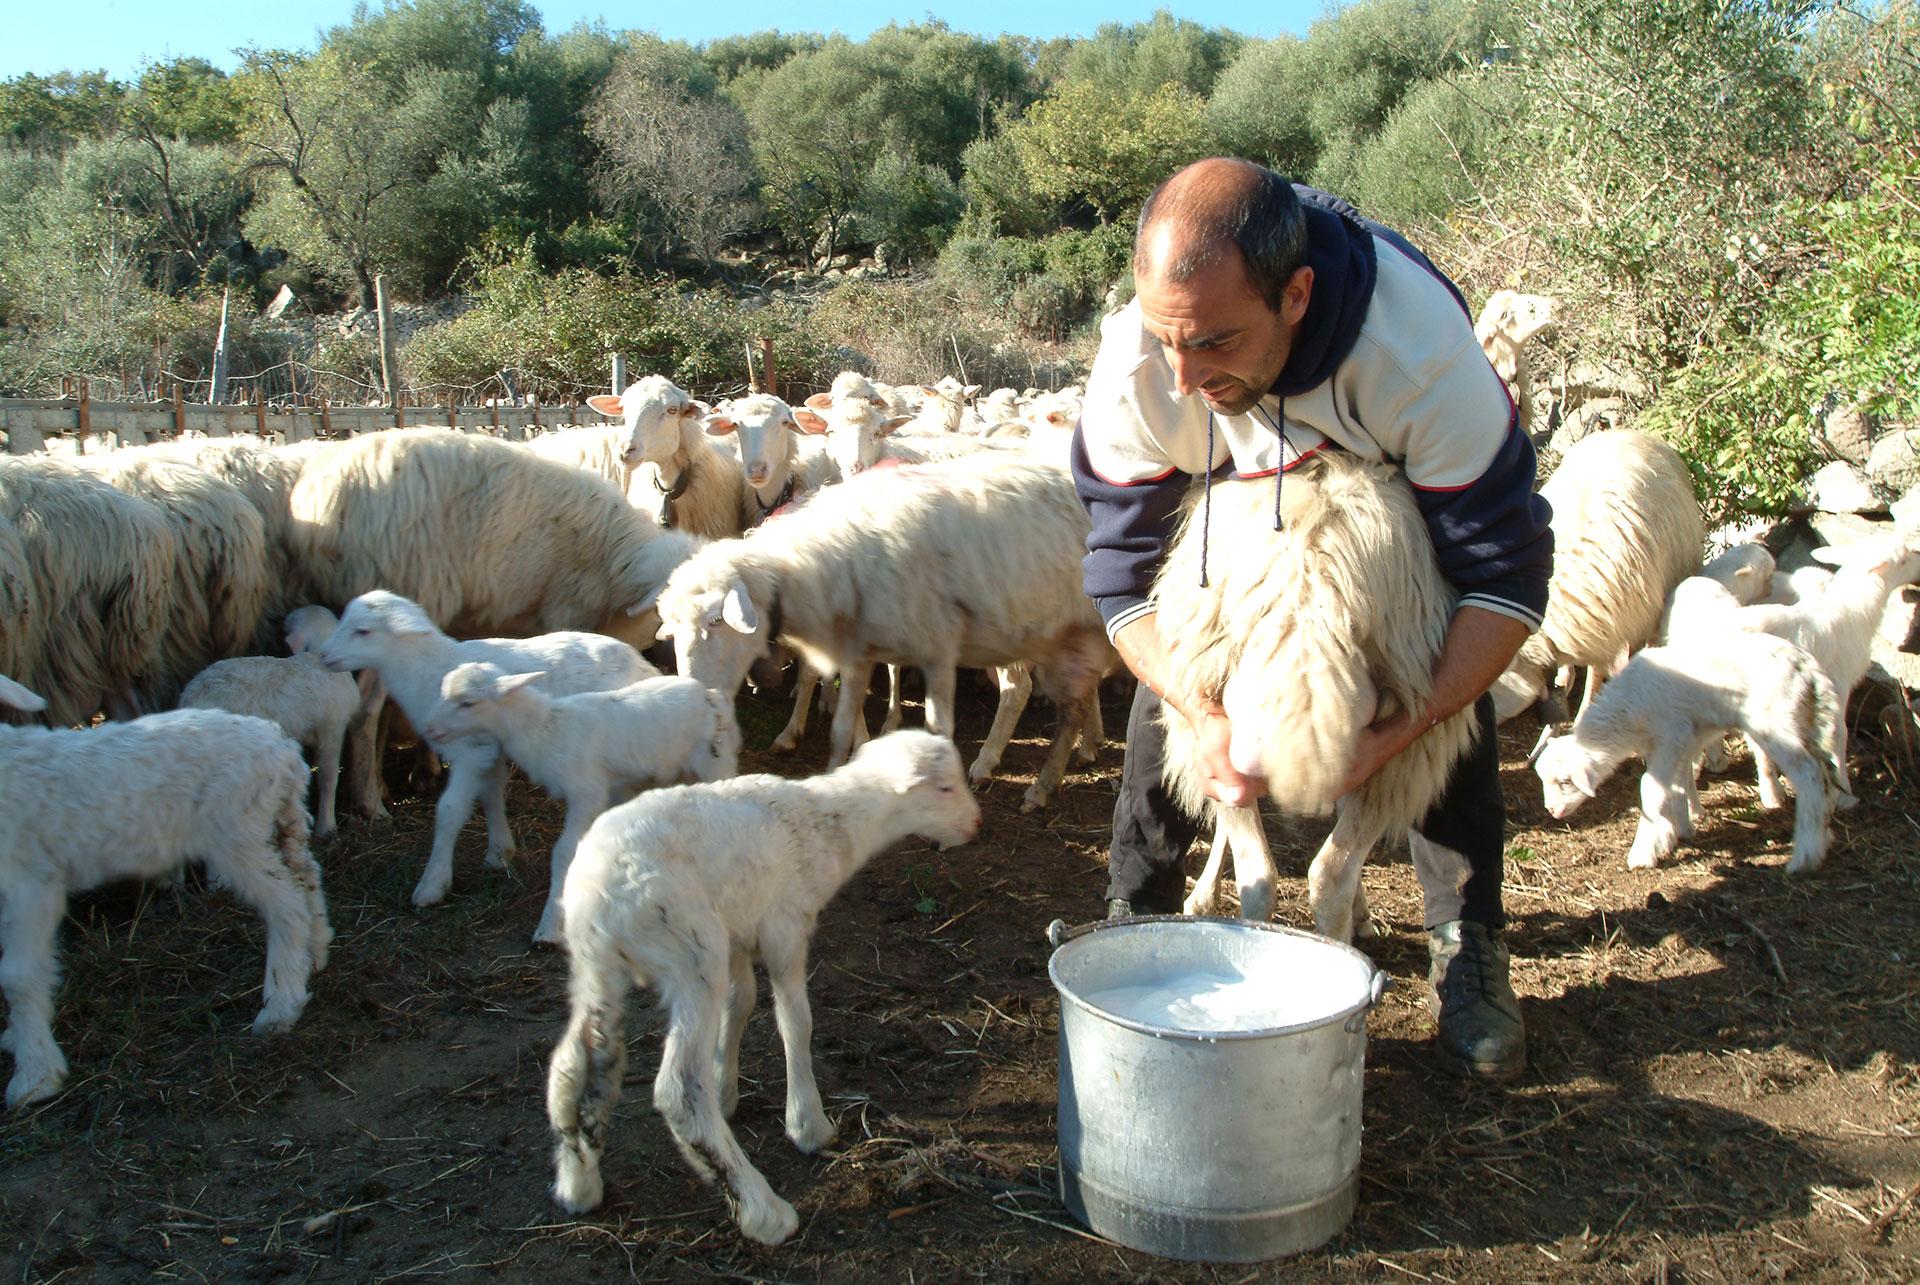 Orune, tradizione pastorale - Fonte www.cuoredellasardegna.it